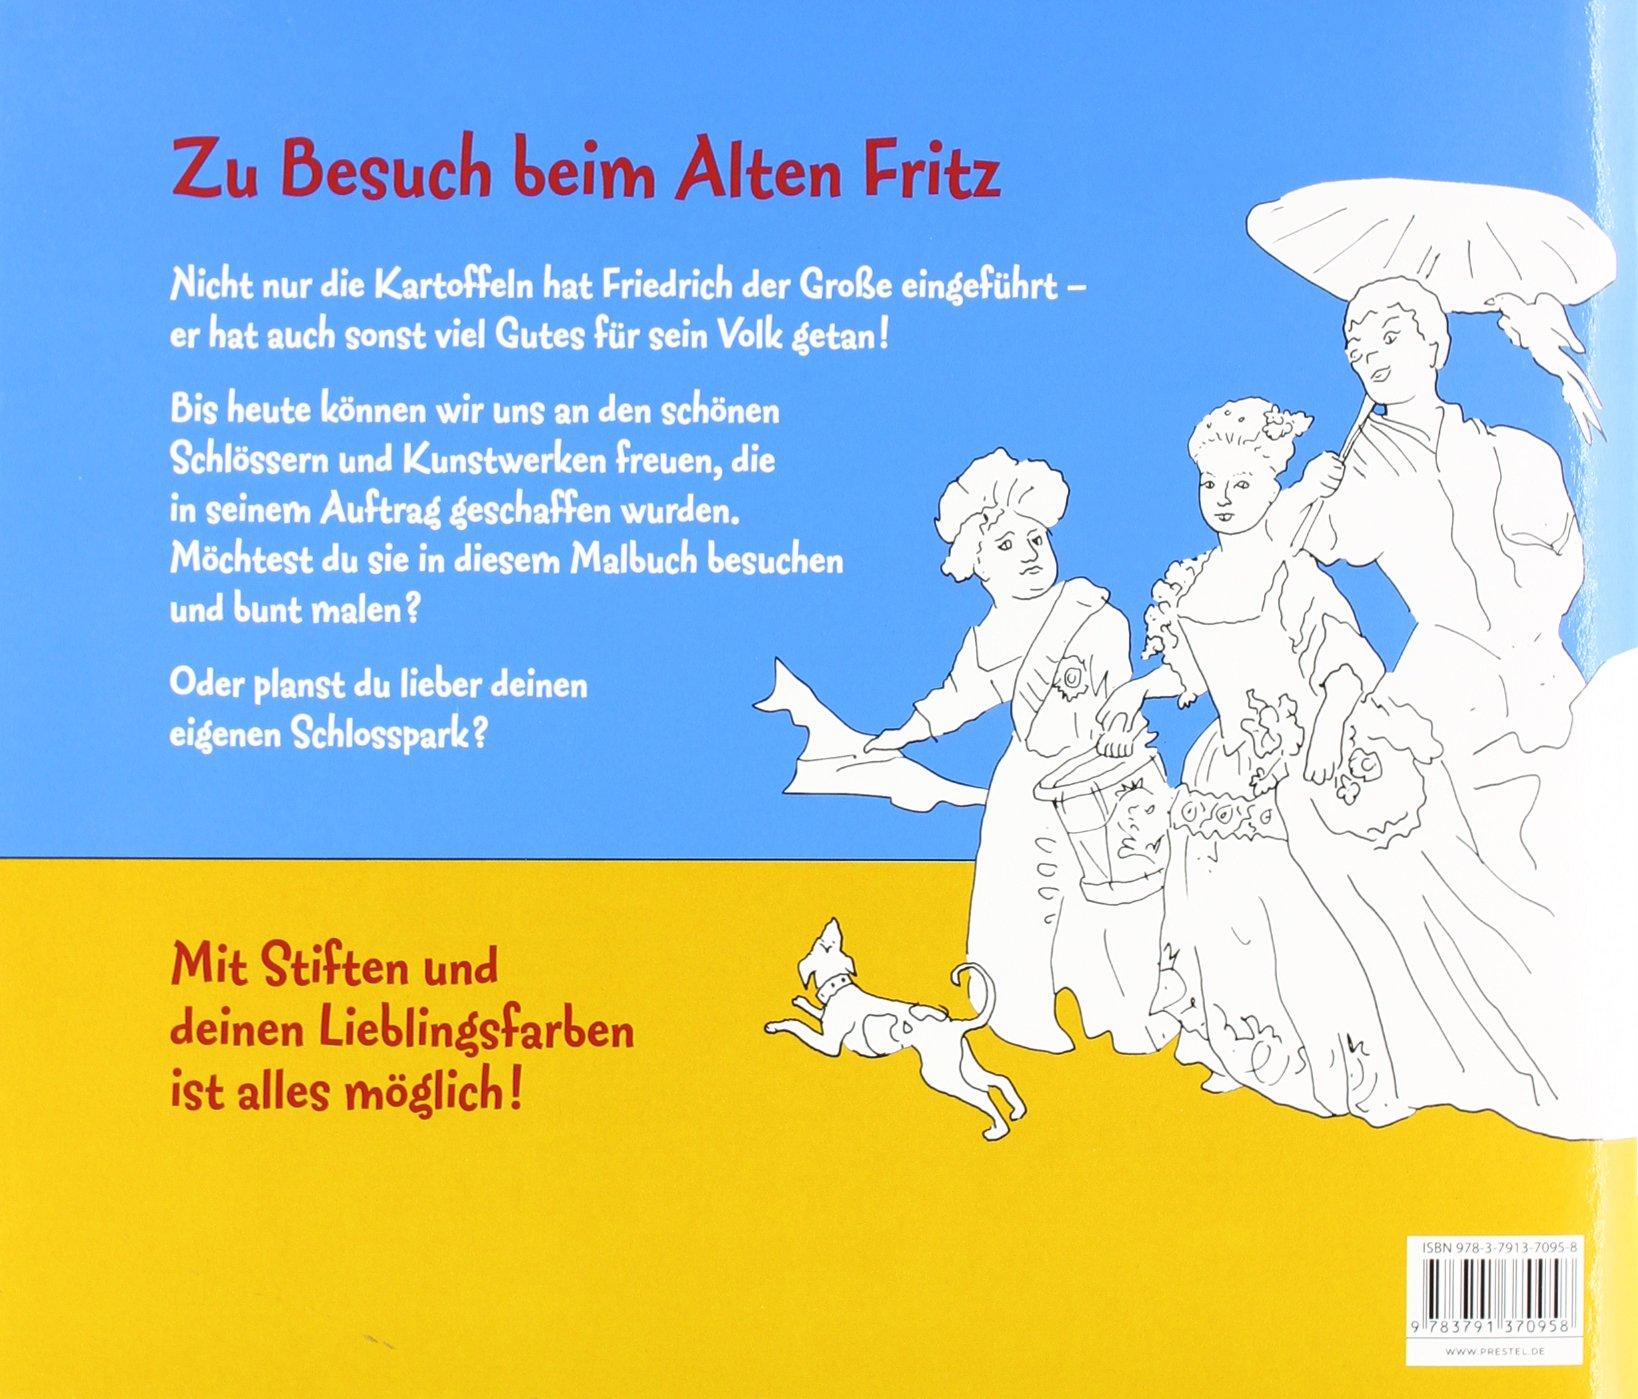 Kunst-Malbuch Friedrich der Große: Amazon.de: Annette Roeder: Bücher